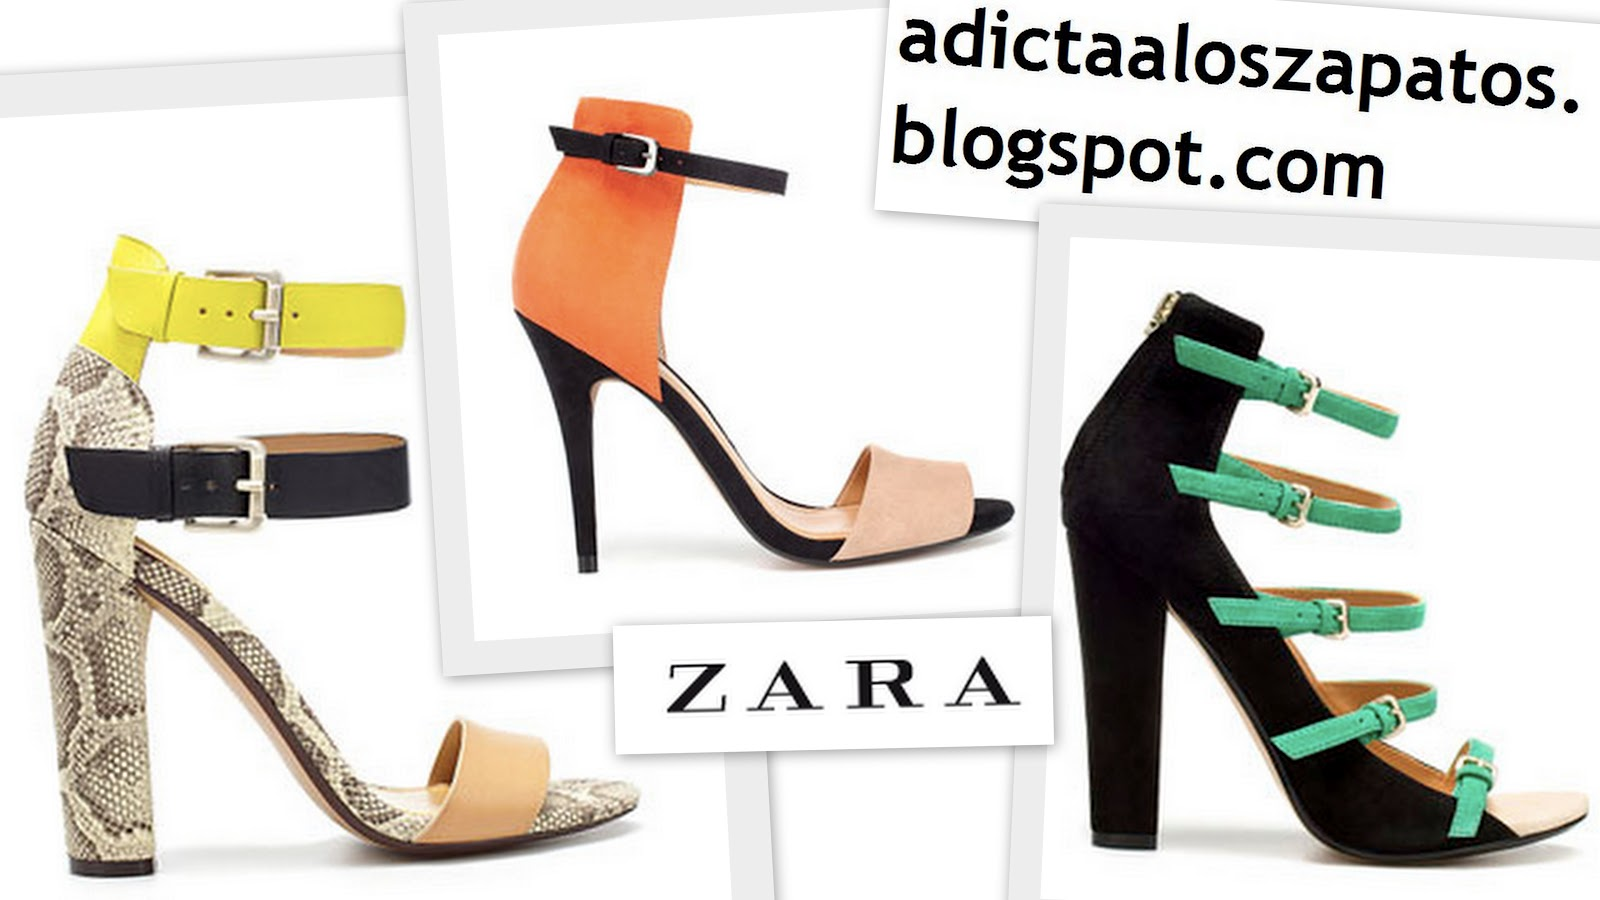 Colección Zapatos ZapatosNueva Los Zara Adicta De Ss12 A FTKcl31J